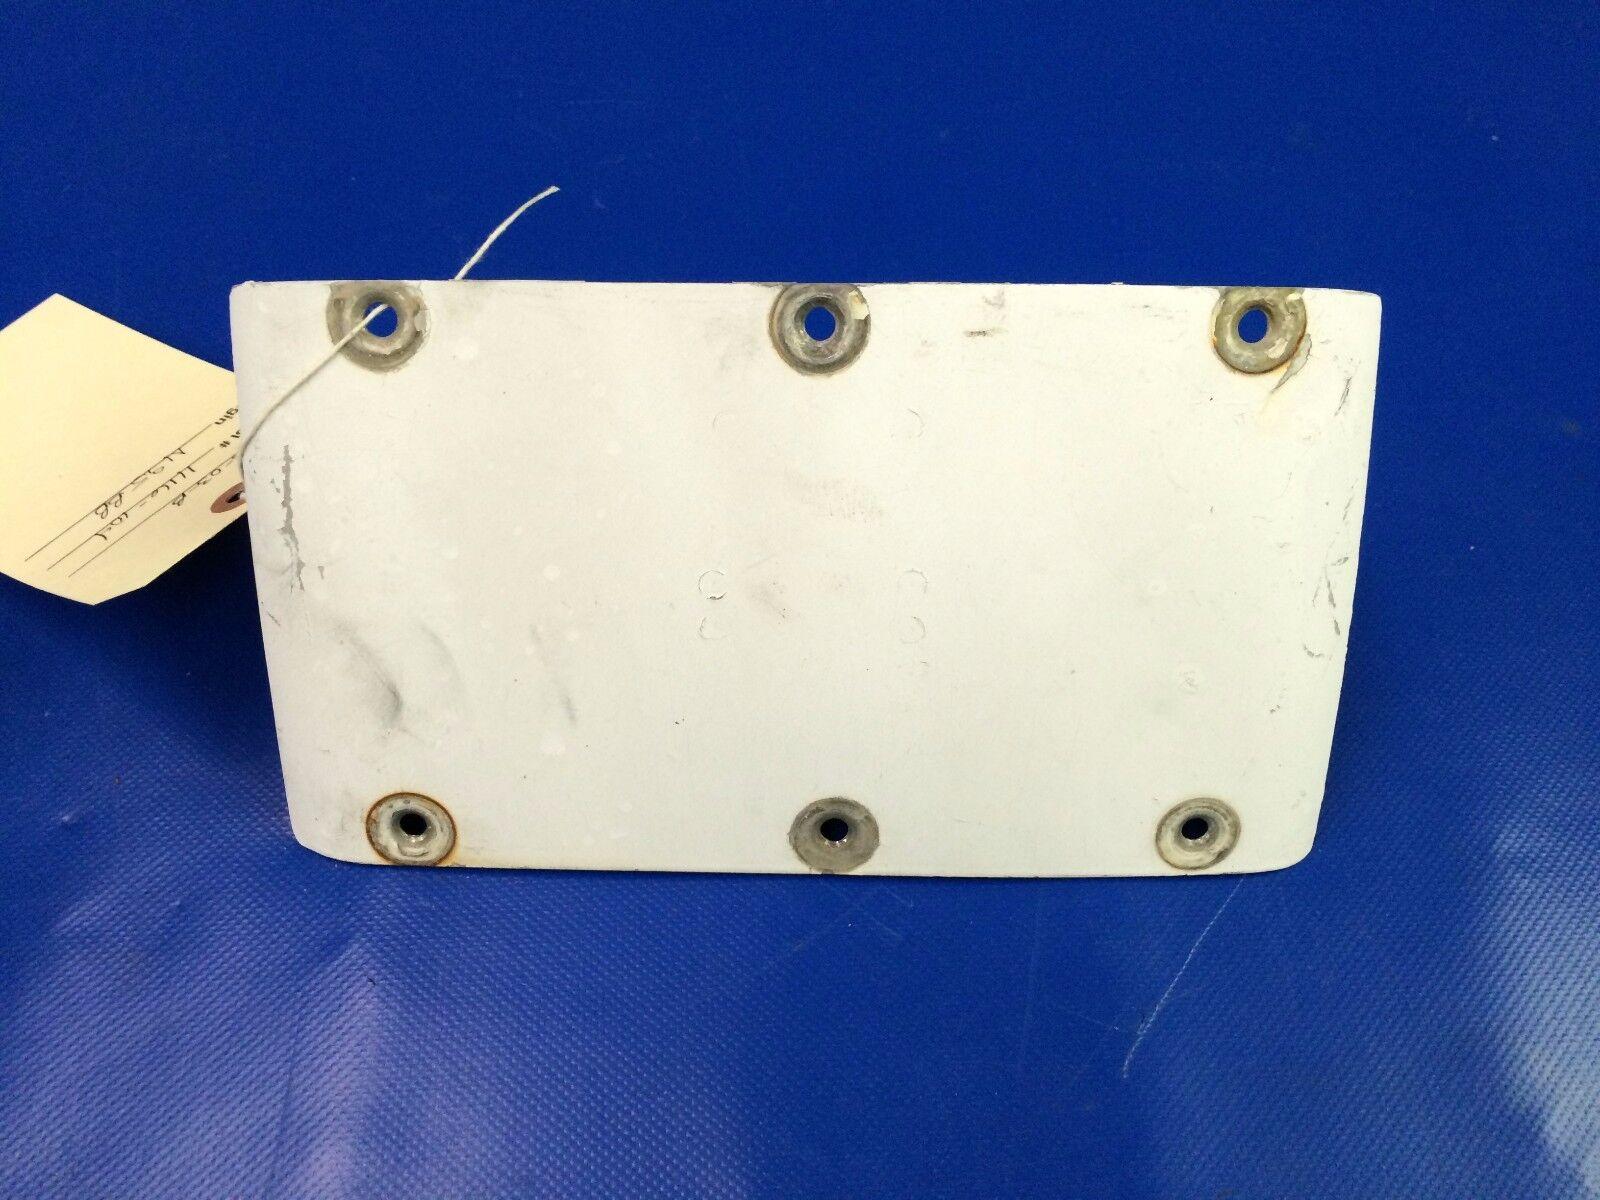 Beech Baron 58 Air Admission Boite Filtre Filtre Filtre Porte P/N 96-919101-41 (1116-104) c21907